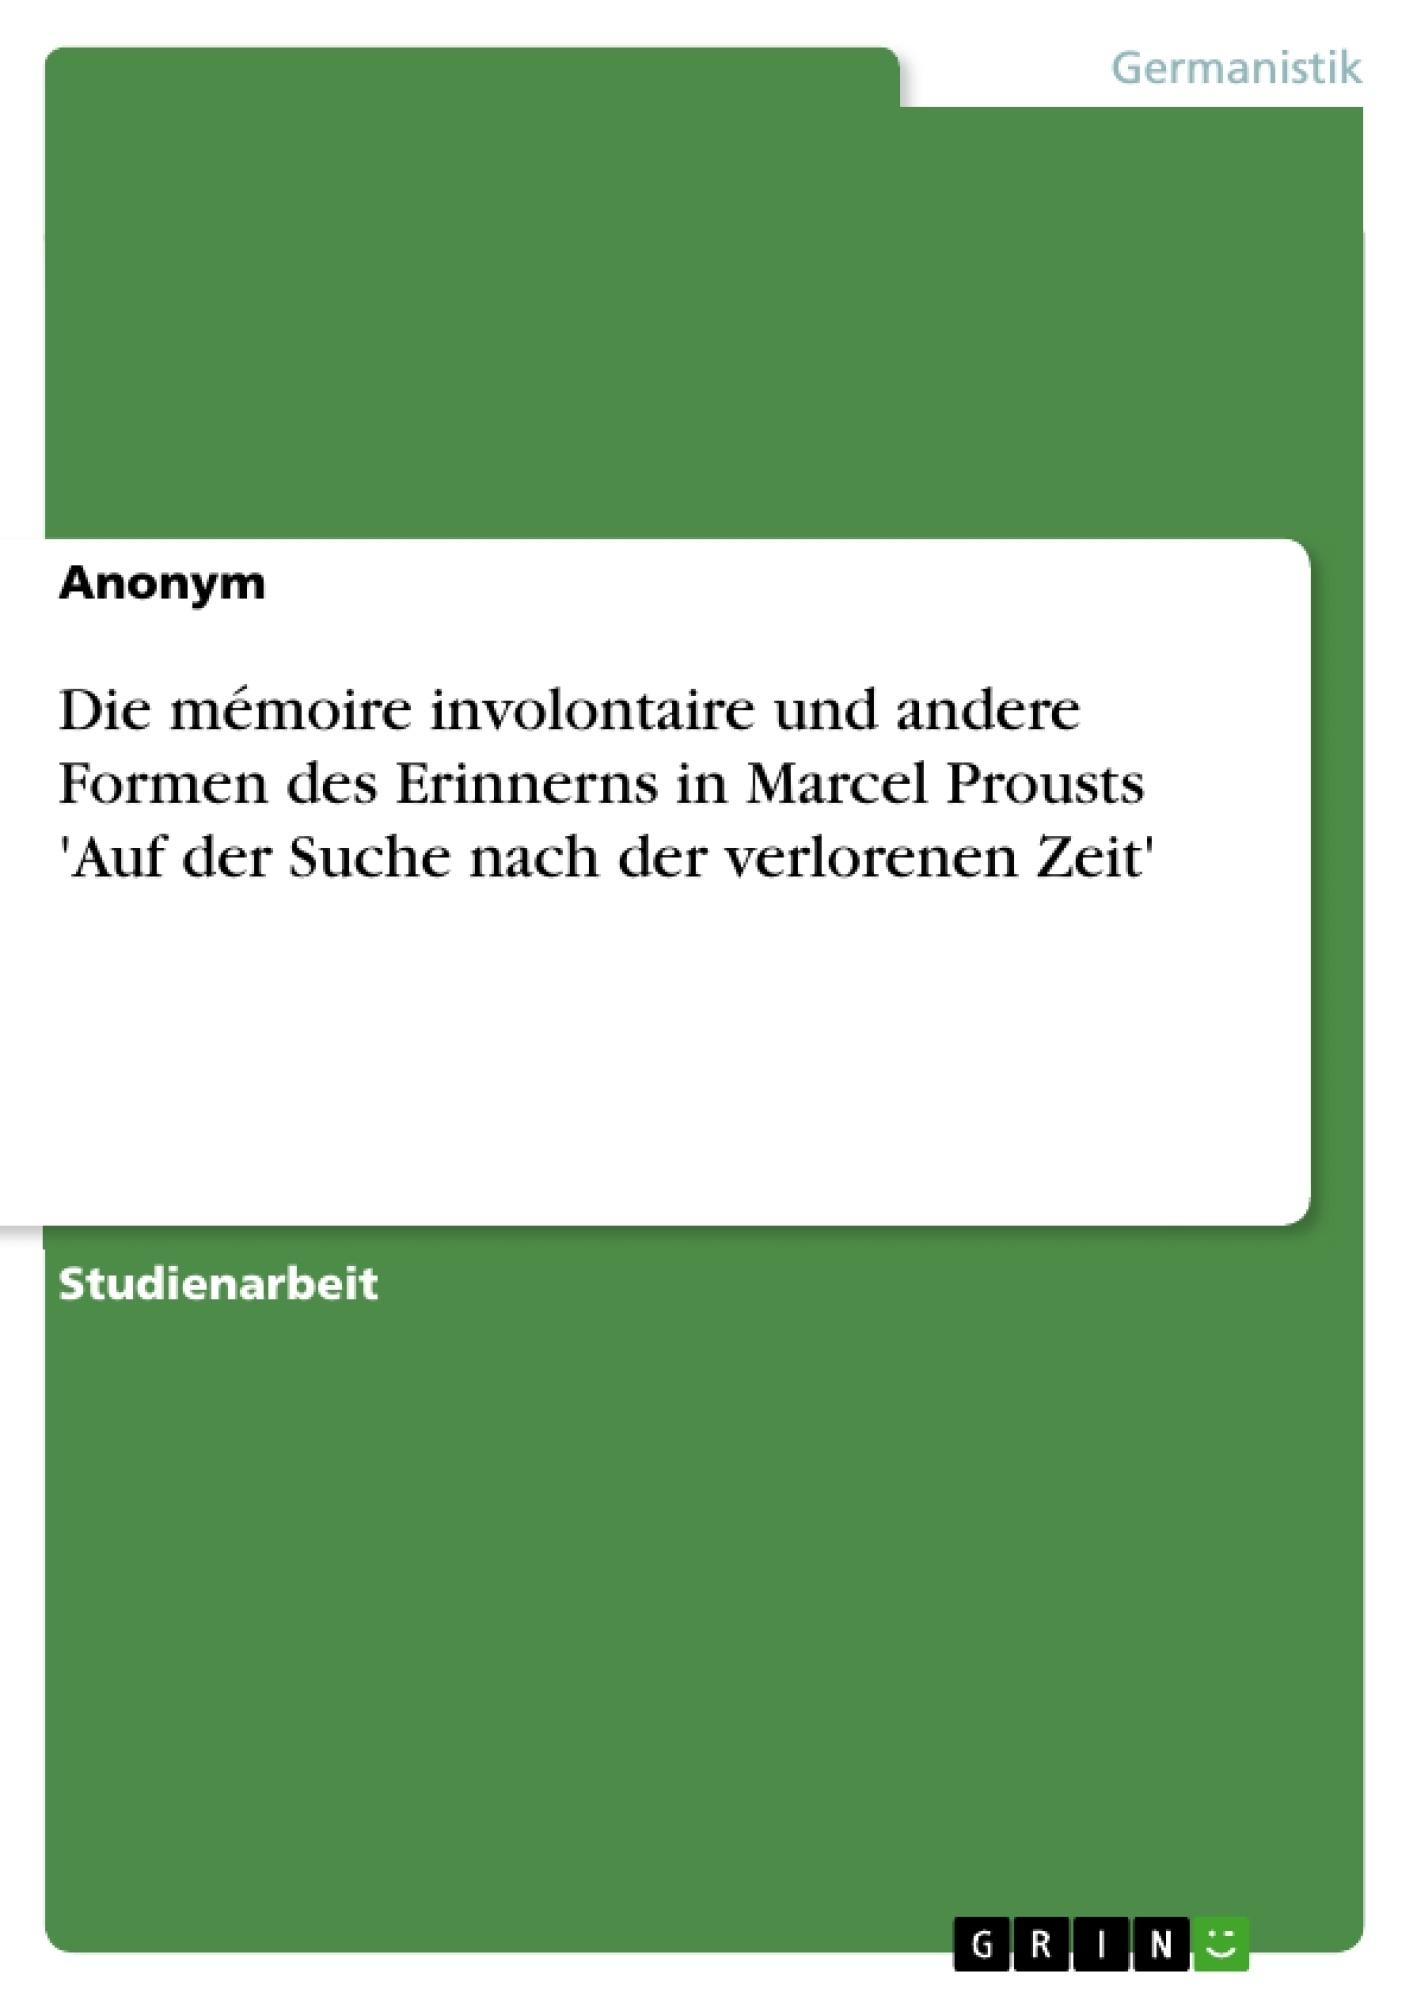 Titel: Die mémoire involontaire und andere Formen des Erinnerns in Marcel Prousts 'Auf der Suche nach der verlorenen Zeit'